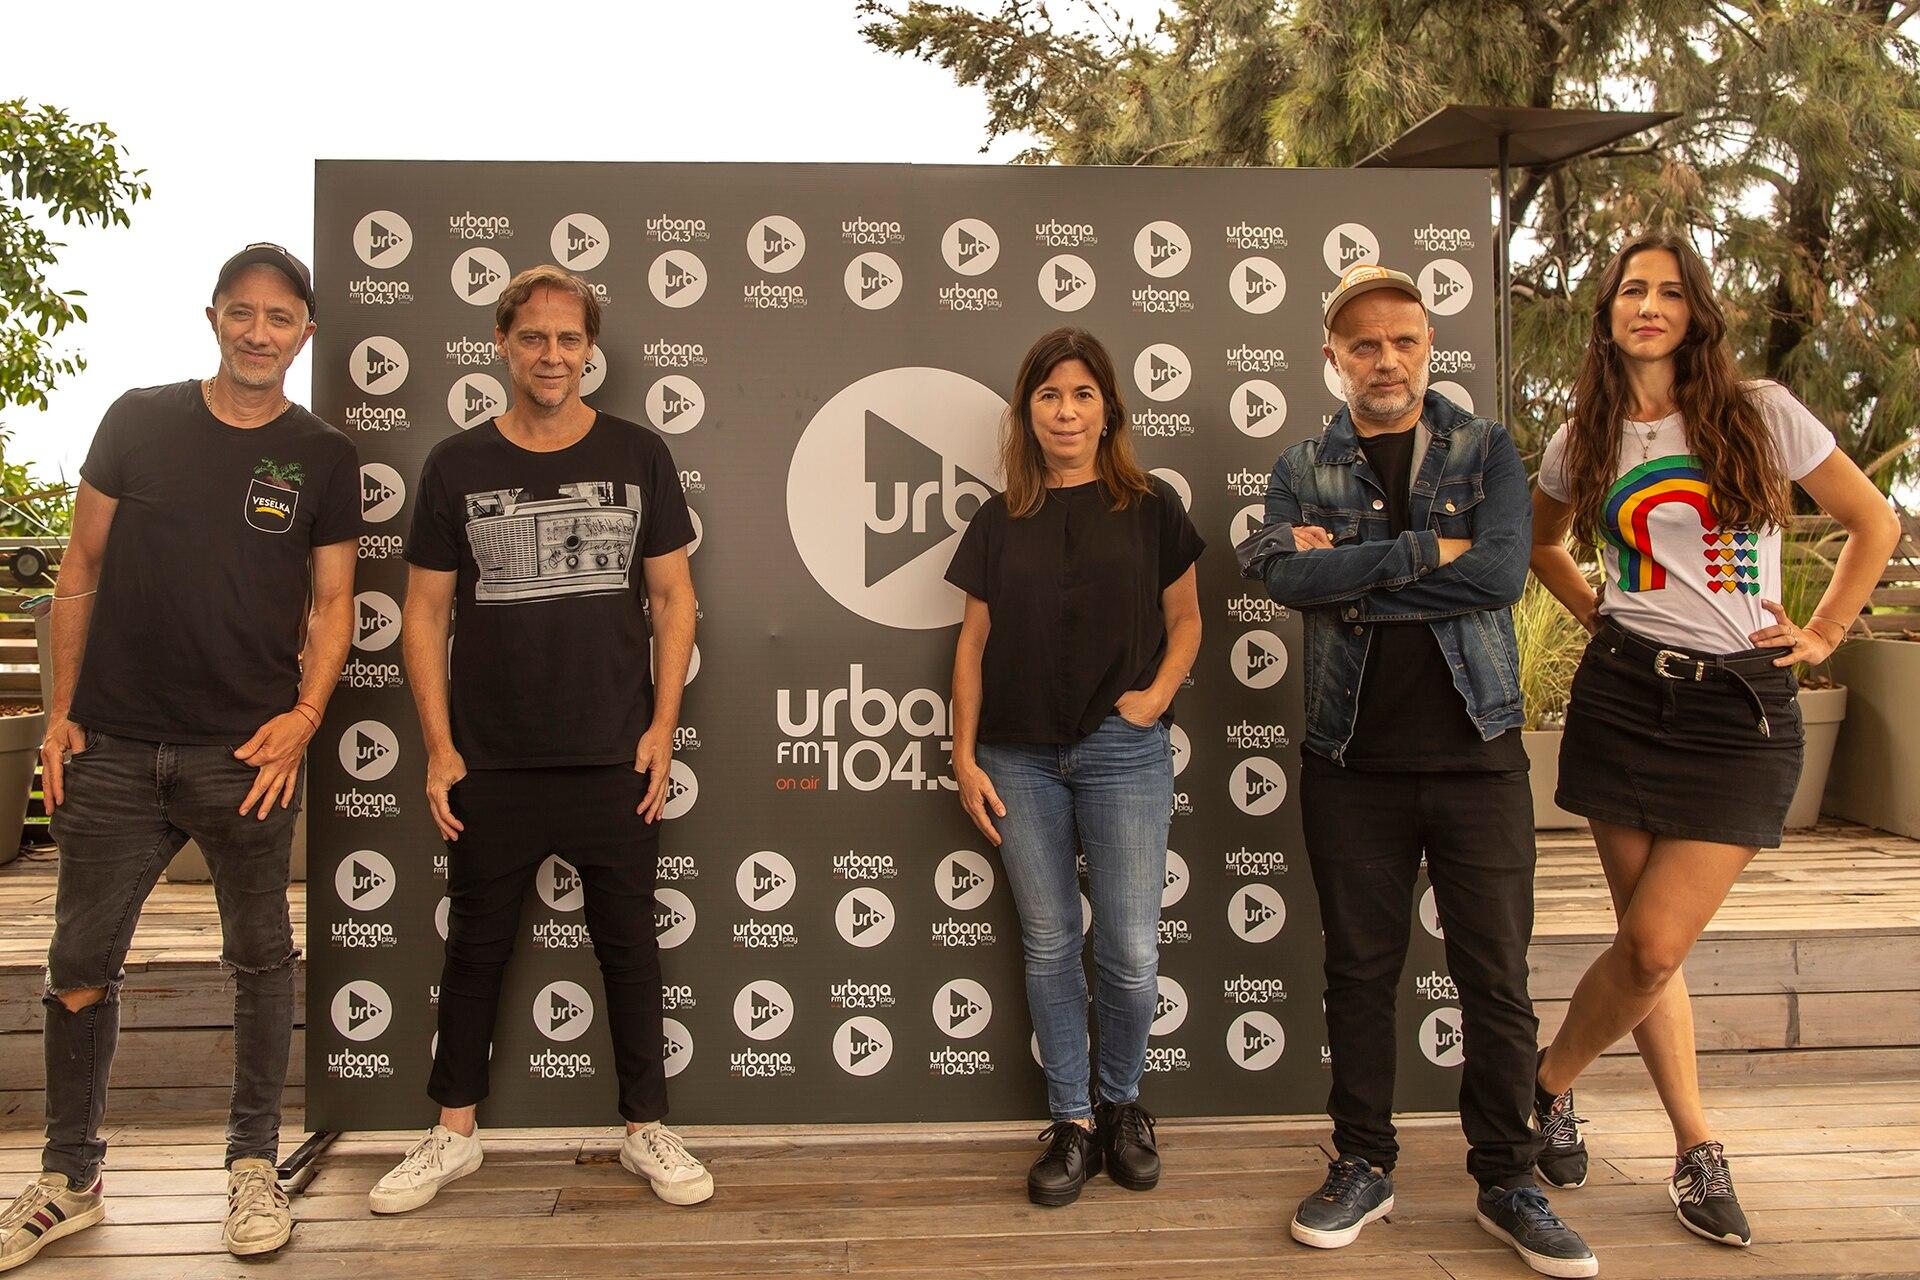 Matías Martin junto a sus compañeros de radio Urbana Play: Andy Kusnetzoff, María O'Donnell, Sebastián Wainraich y Julieta Pink